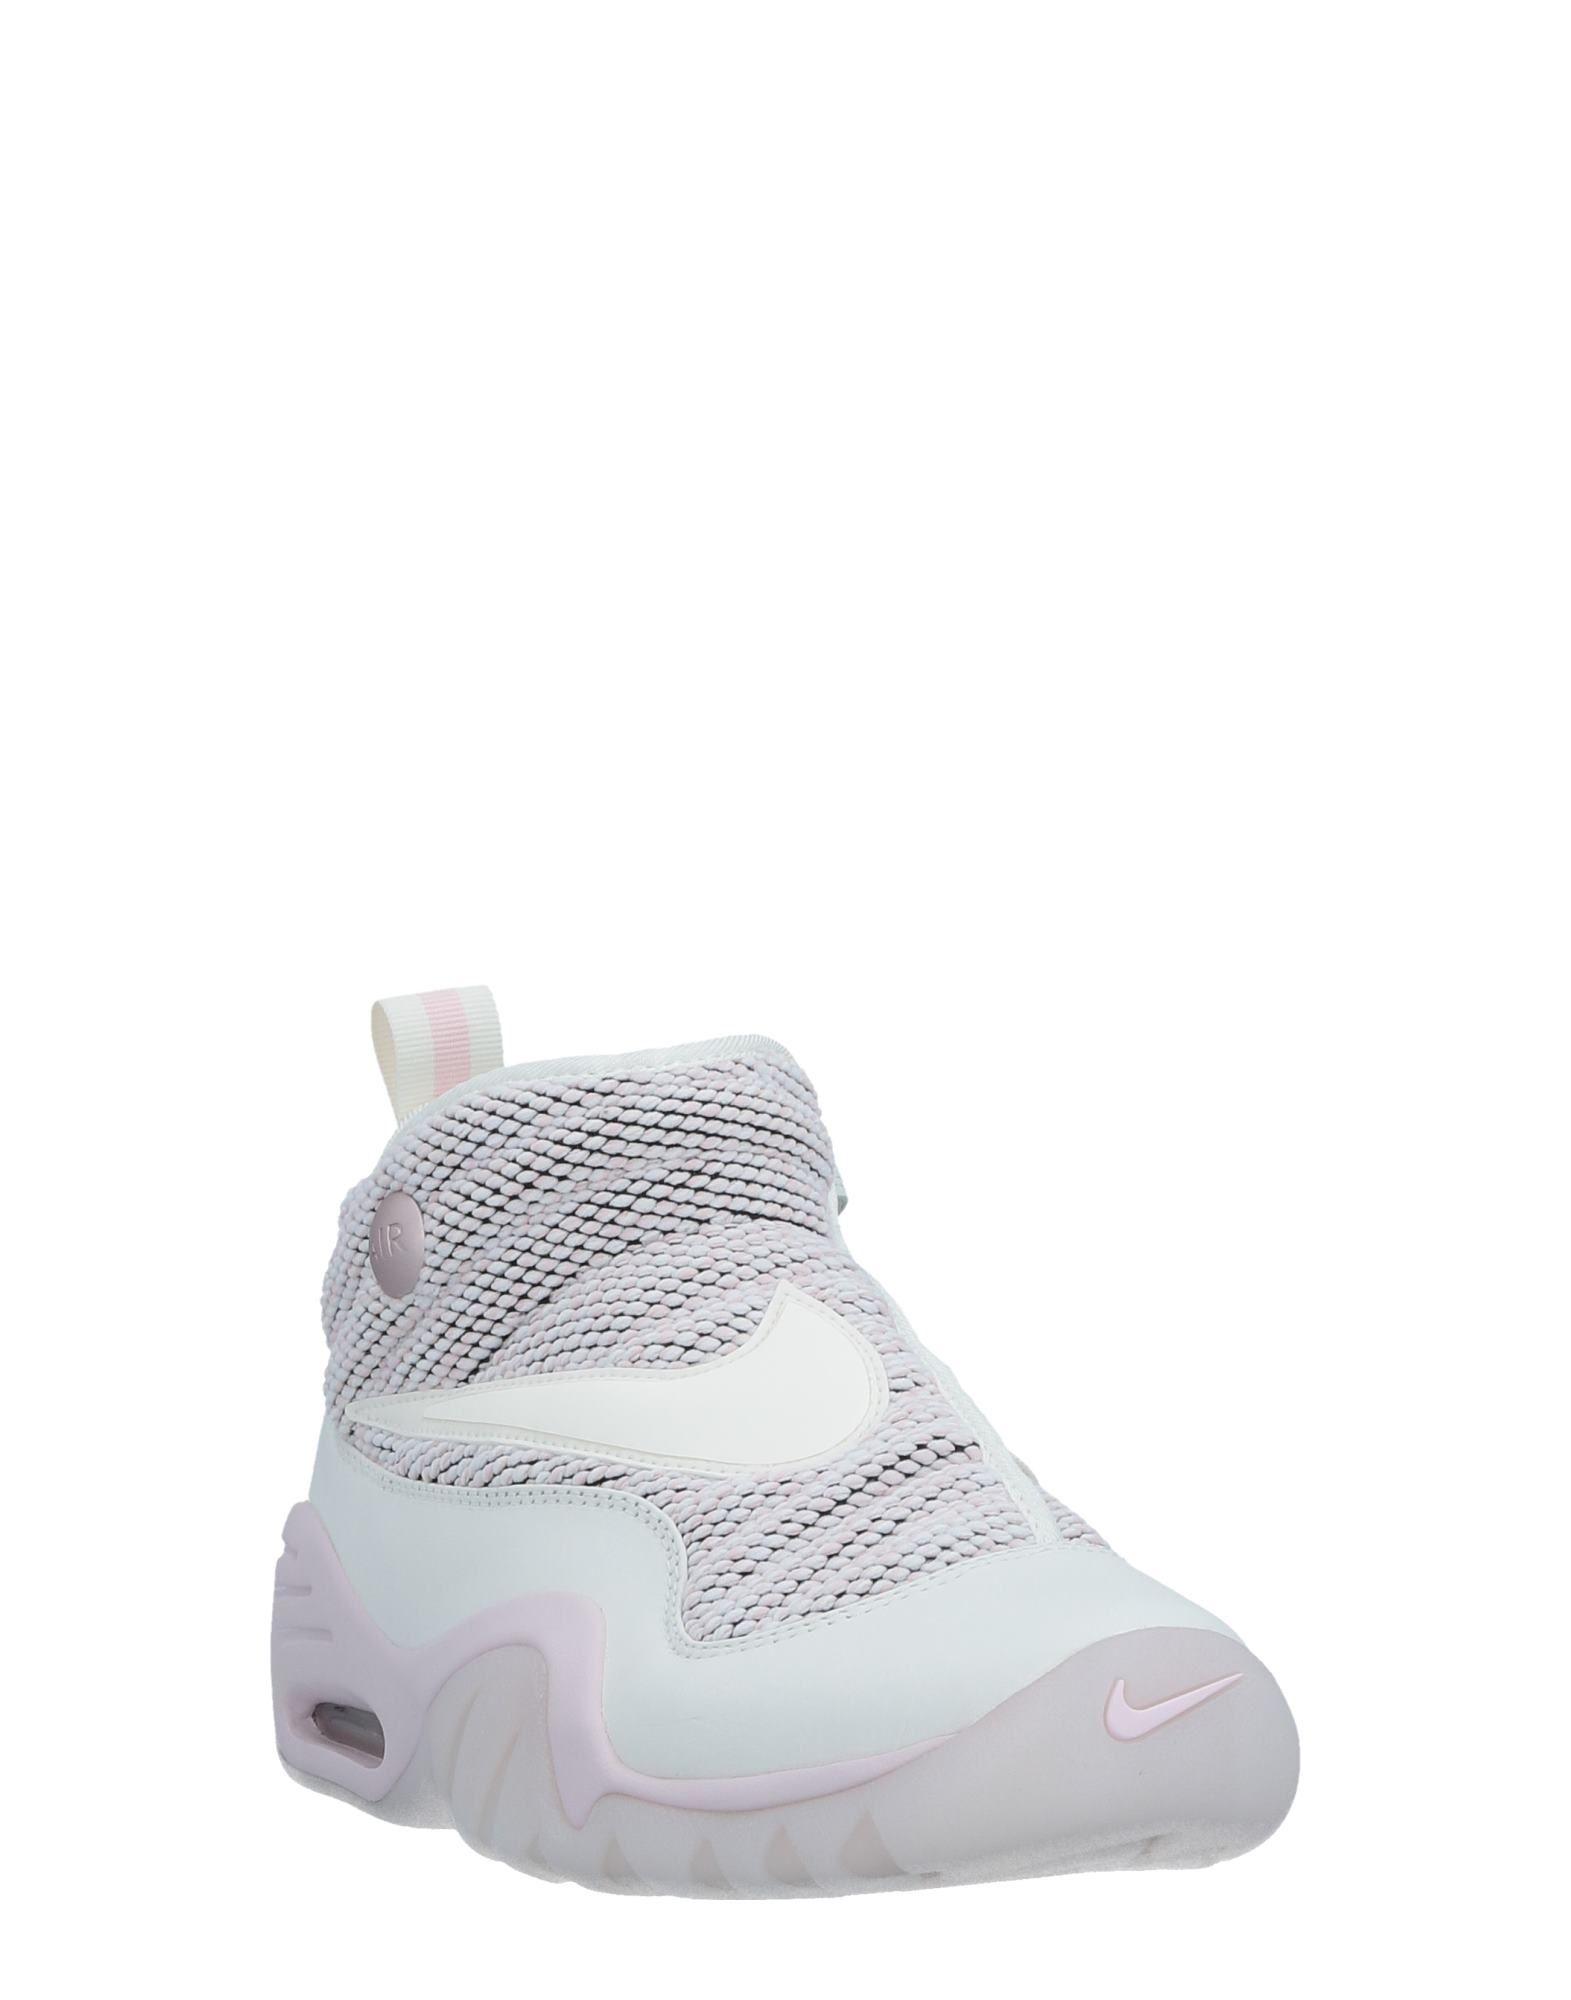 Nike Sneakers Damen Preis-Leistungs-Verhältnis, Gutes Preis-Leistungs-Verhältnis, Damen es lohnt sich 02ac7e